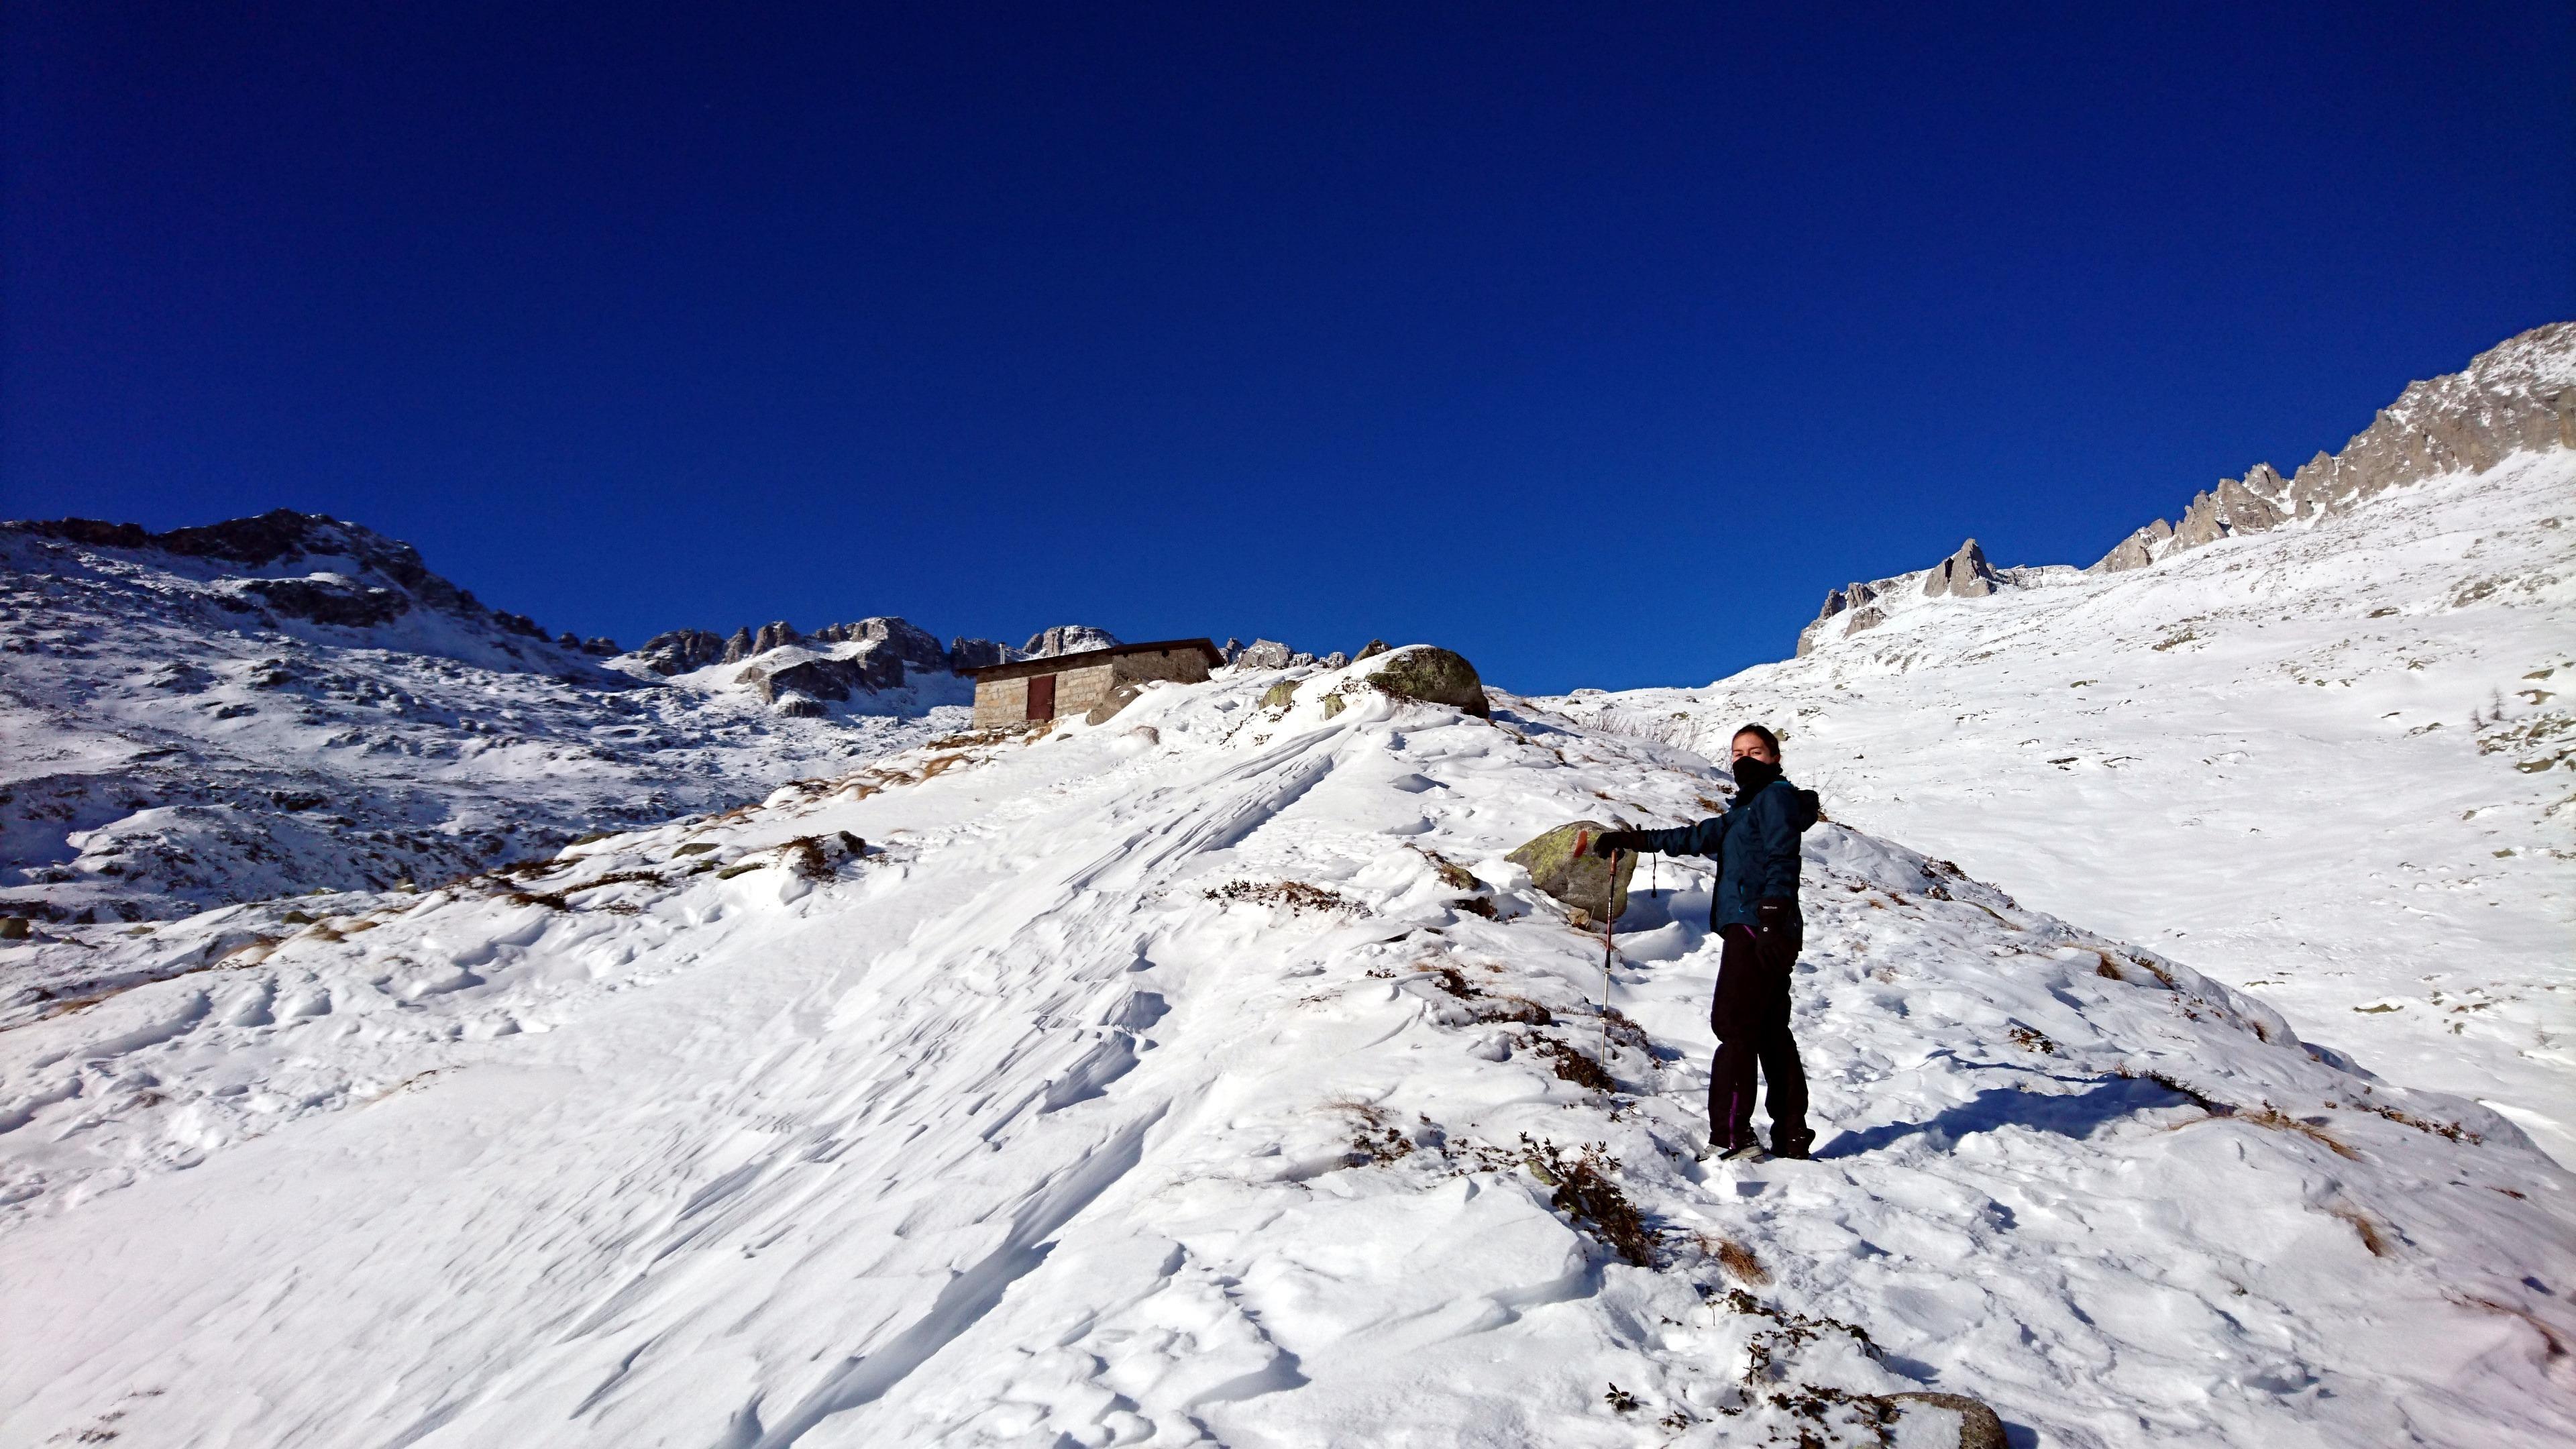 Erica sul tratto finale di cresta che porta al bivacco Roberti. Oggi quassù tira un vento gelido che ve lo raccomando